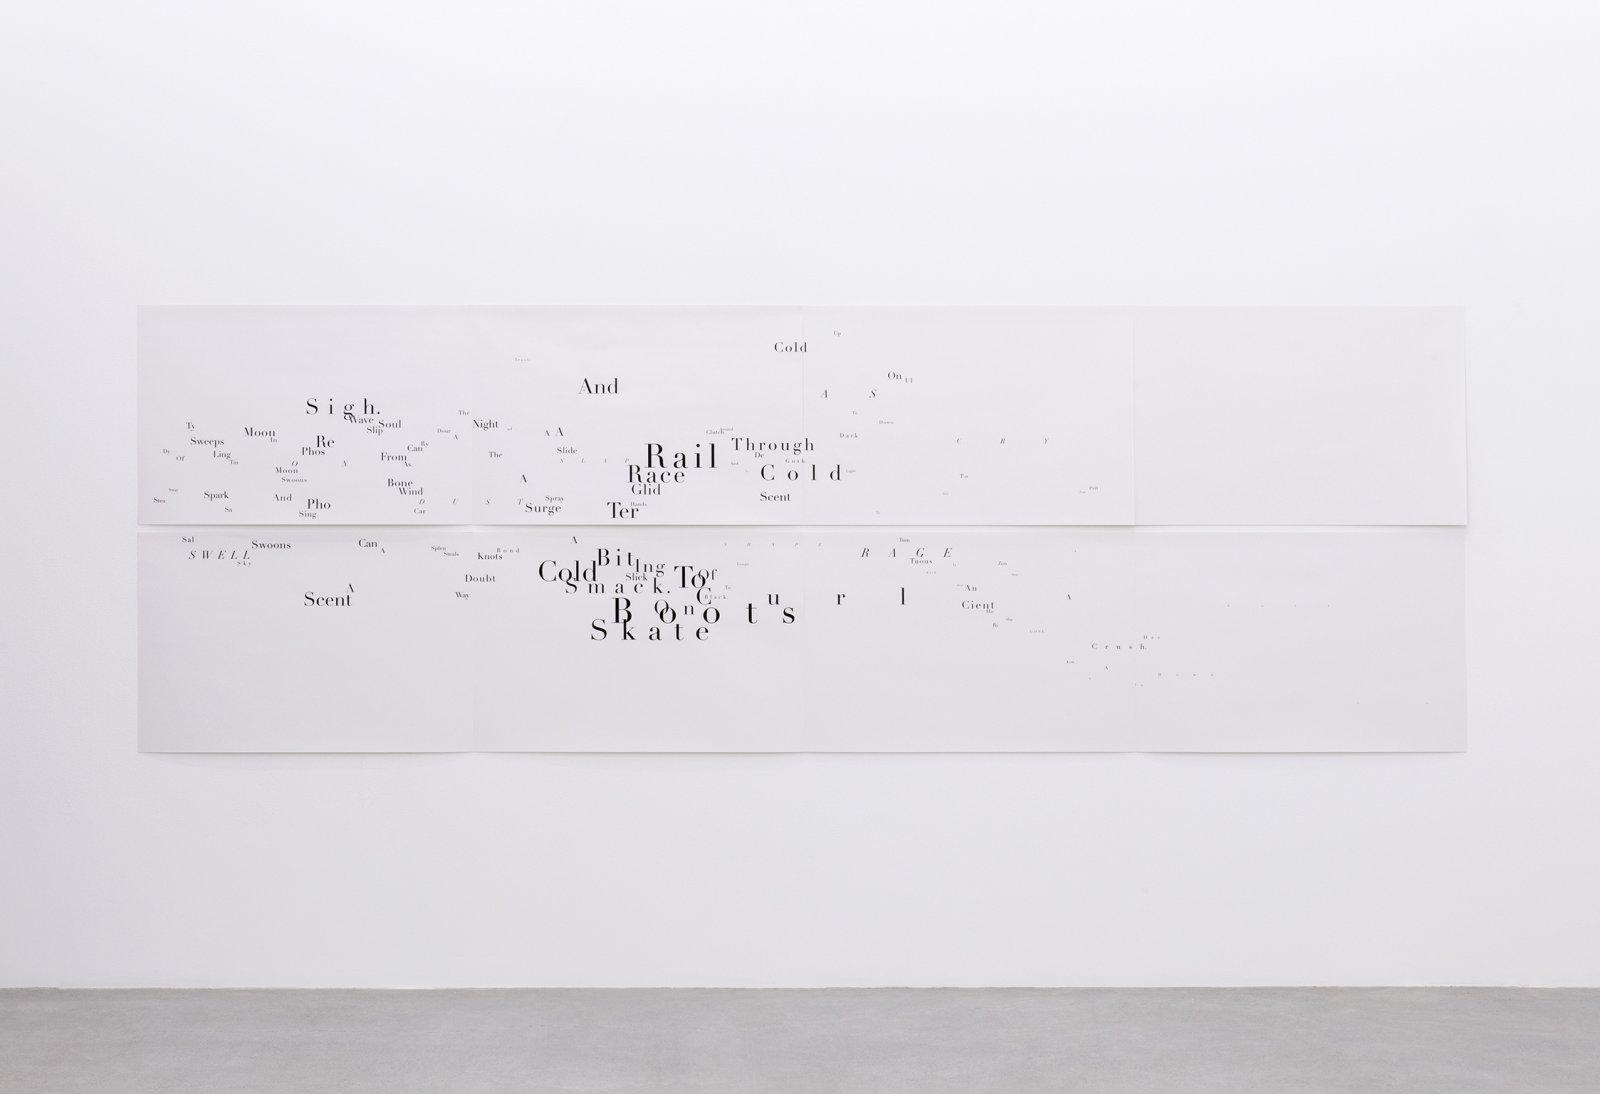 Janice Kerbel, Score, 'Sink', 2015, 8 silkscreen prints on paper, composition: 44 x 131 in. (113 x 334 cm), each sheet: 22 x 33 in. (56 x 84 cm)  by Janice Kerbel